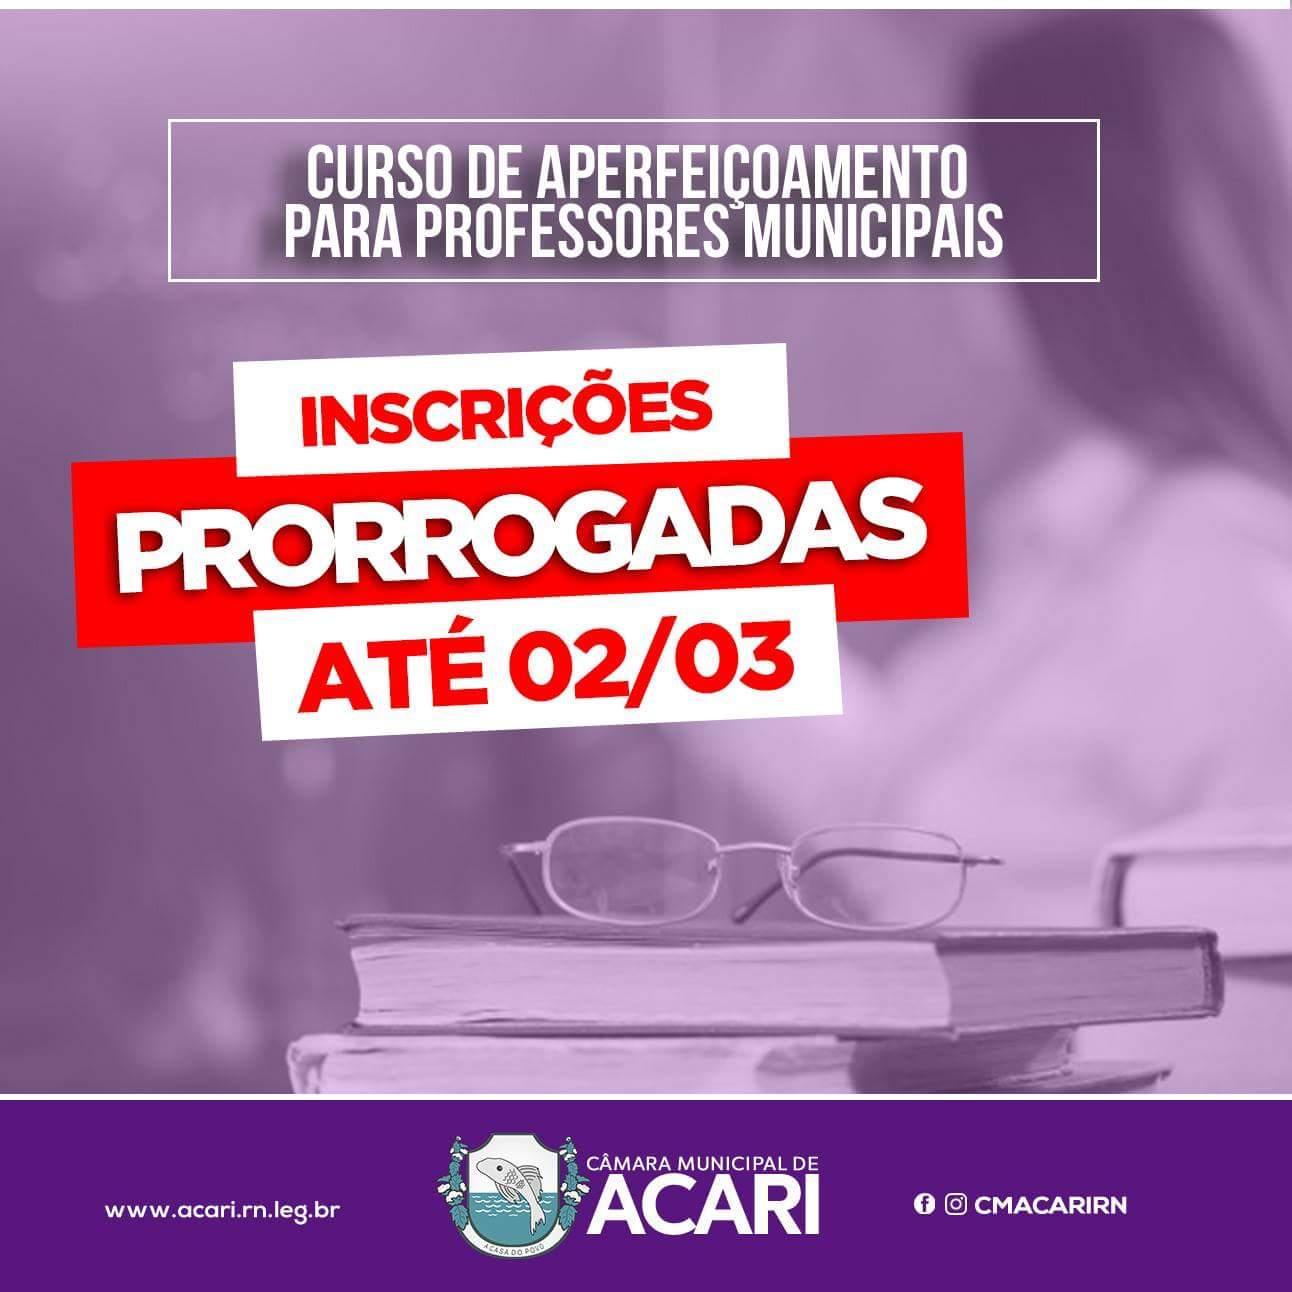 CURSO DE APERFEIÇOAMENTO PARA PROFESSORES MUNICIPAIS TEM INSCRIÇÕES PRORROGADAS